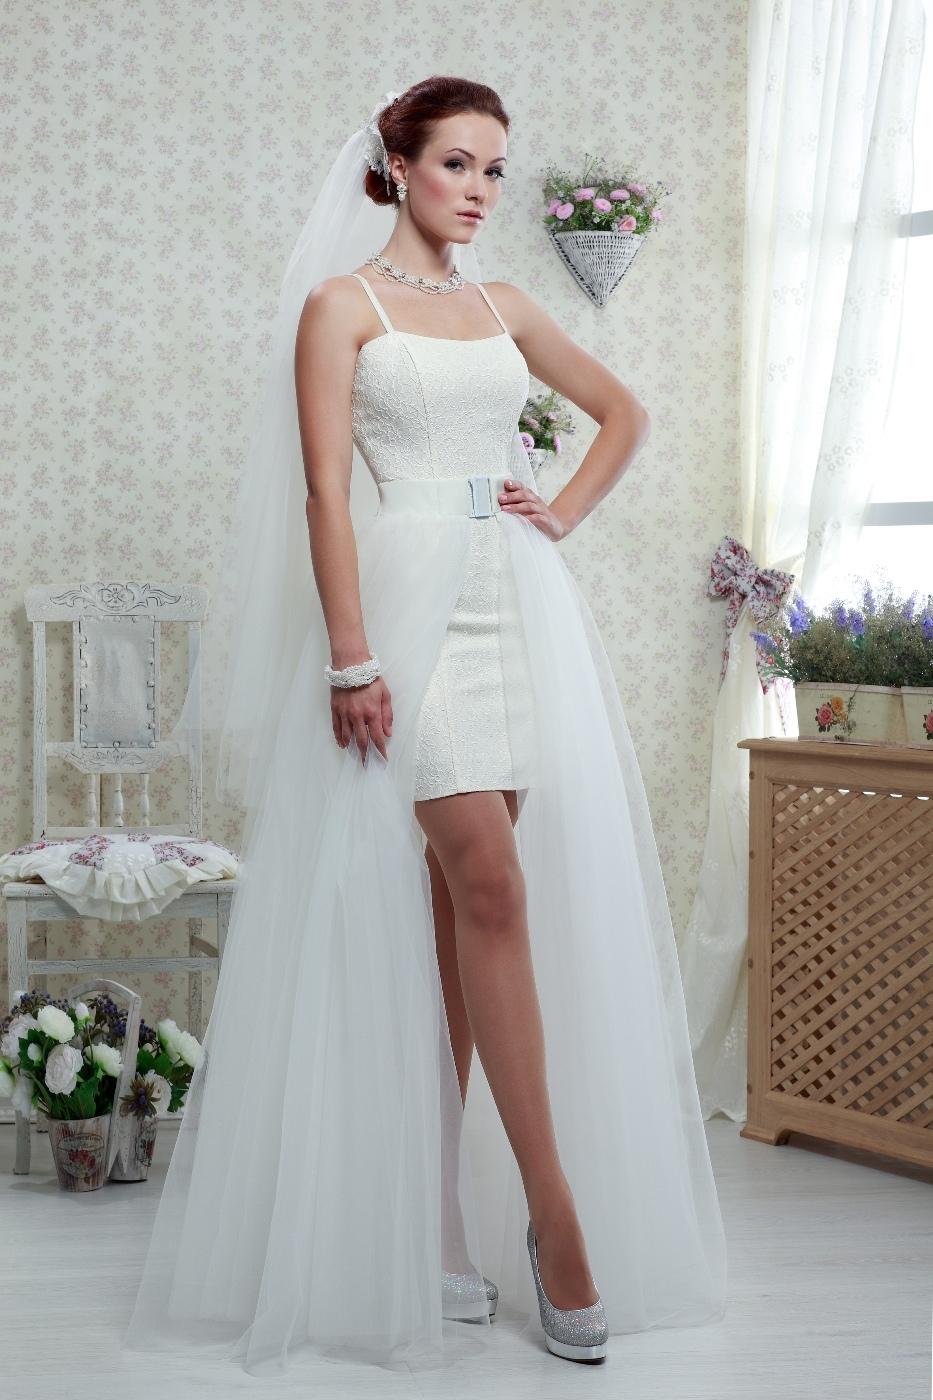 nezhnoe-svadebnoe-plate-transformer Платье трансформер: варианты вечерних платьев. Как сшить платье со съемной юбкой своими руками?